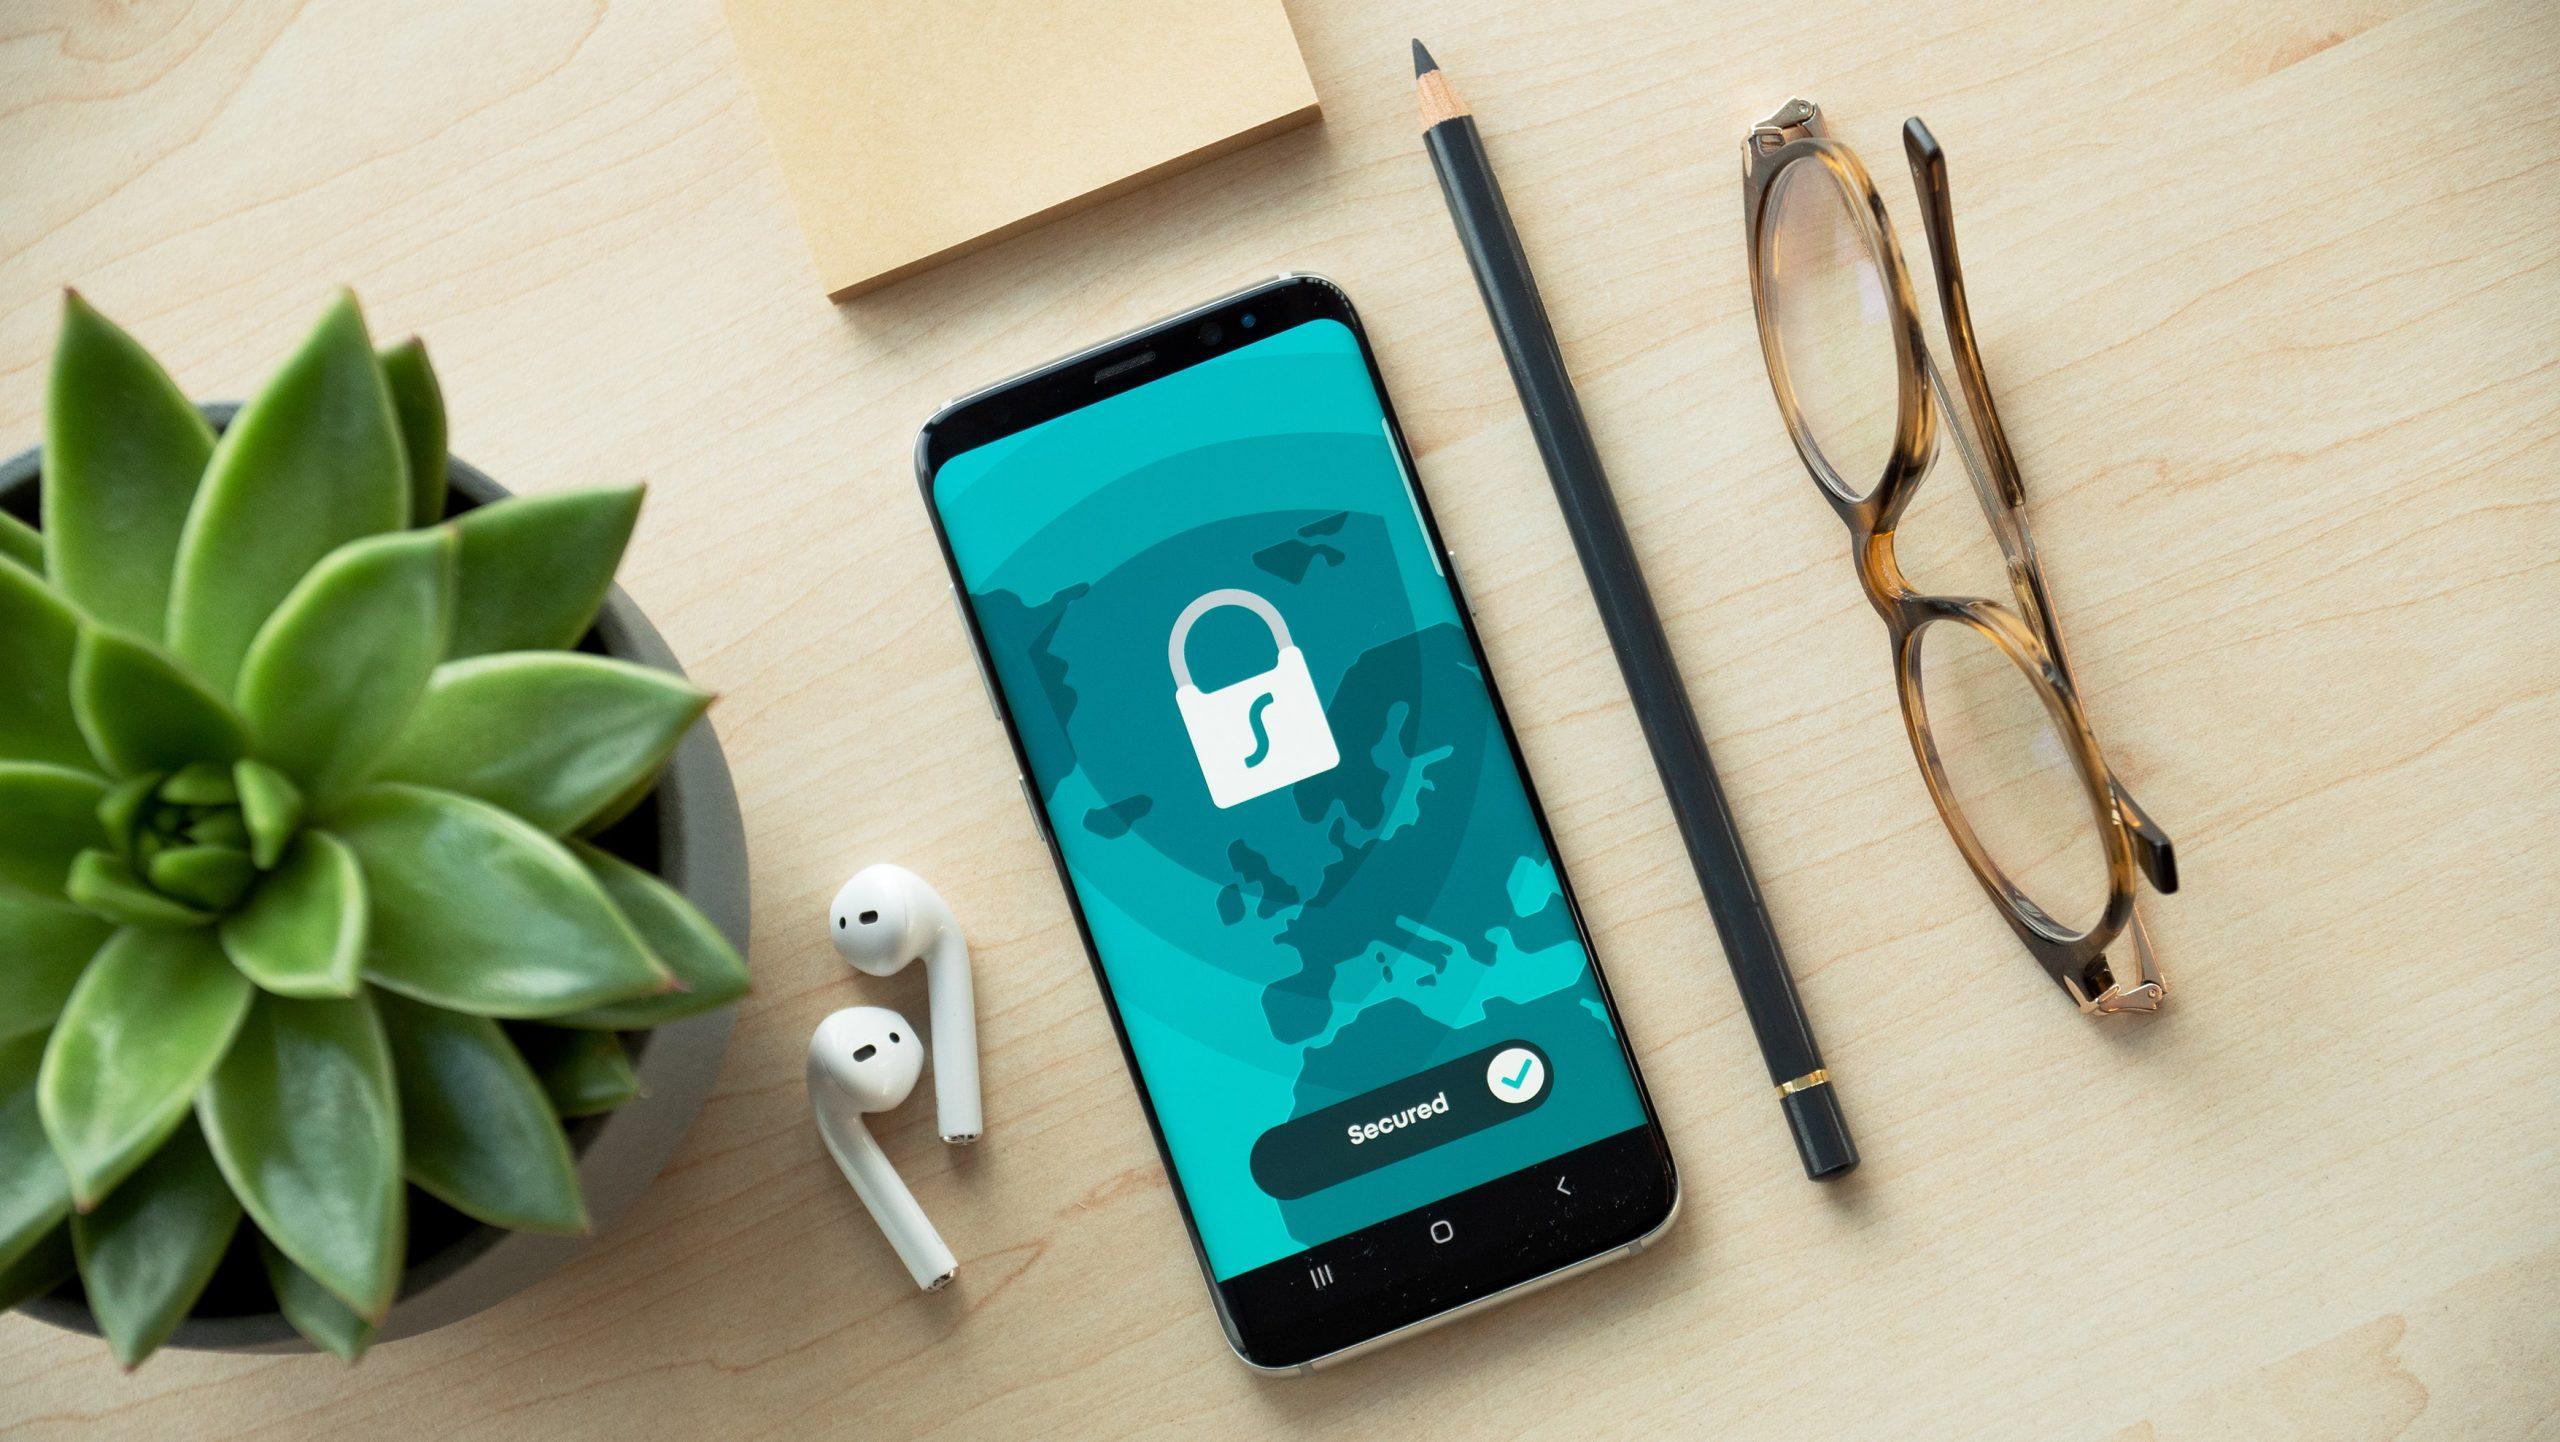 استفاده از رمز عبور فوی برای حفظ امنیت اطلاعات بسیار مهم است